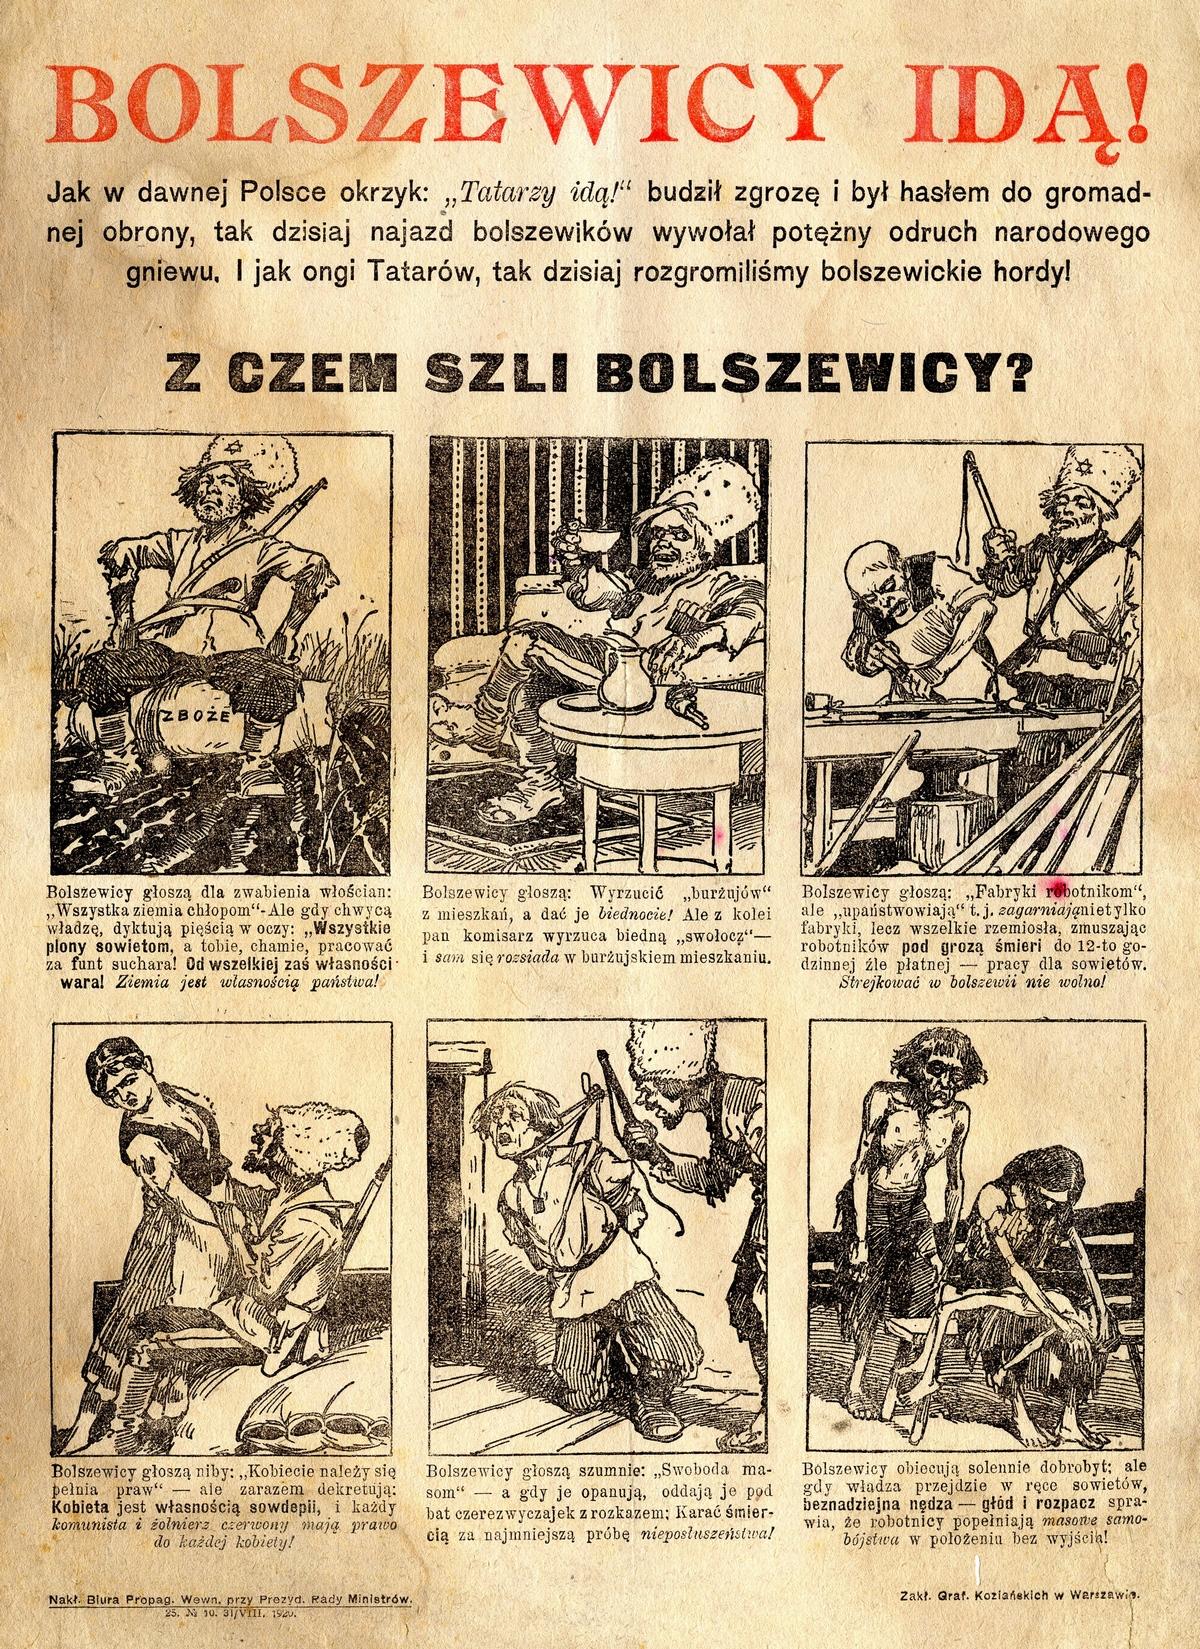 """Takich antybolszewickich plakatów pojawiało się w polskiej prasie w latach 1919-1920 mnóstwo. Z jednej strony uważano ich za słabych przeciwników, z drugiej strony - obawiano się, że komunizm zdoła """"zalać"""" Europę."""